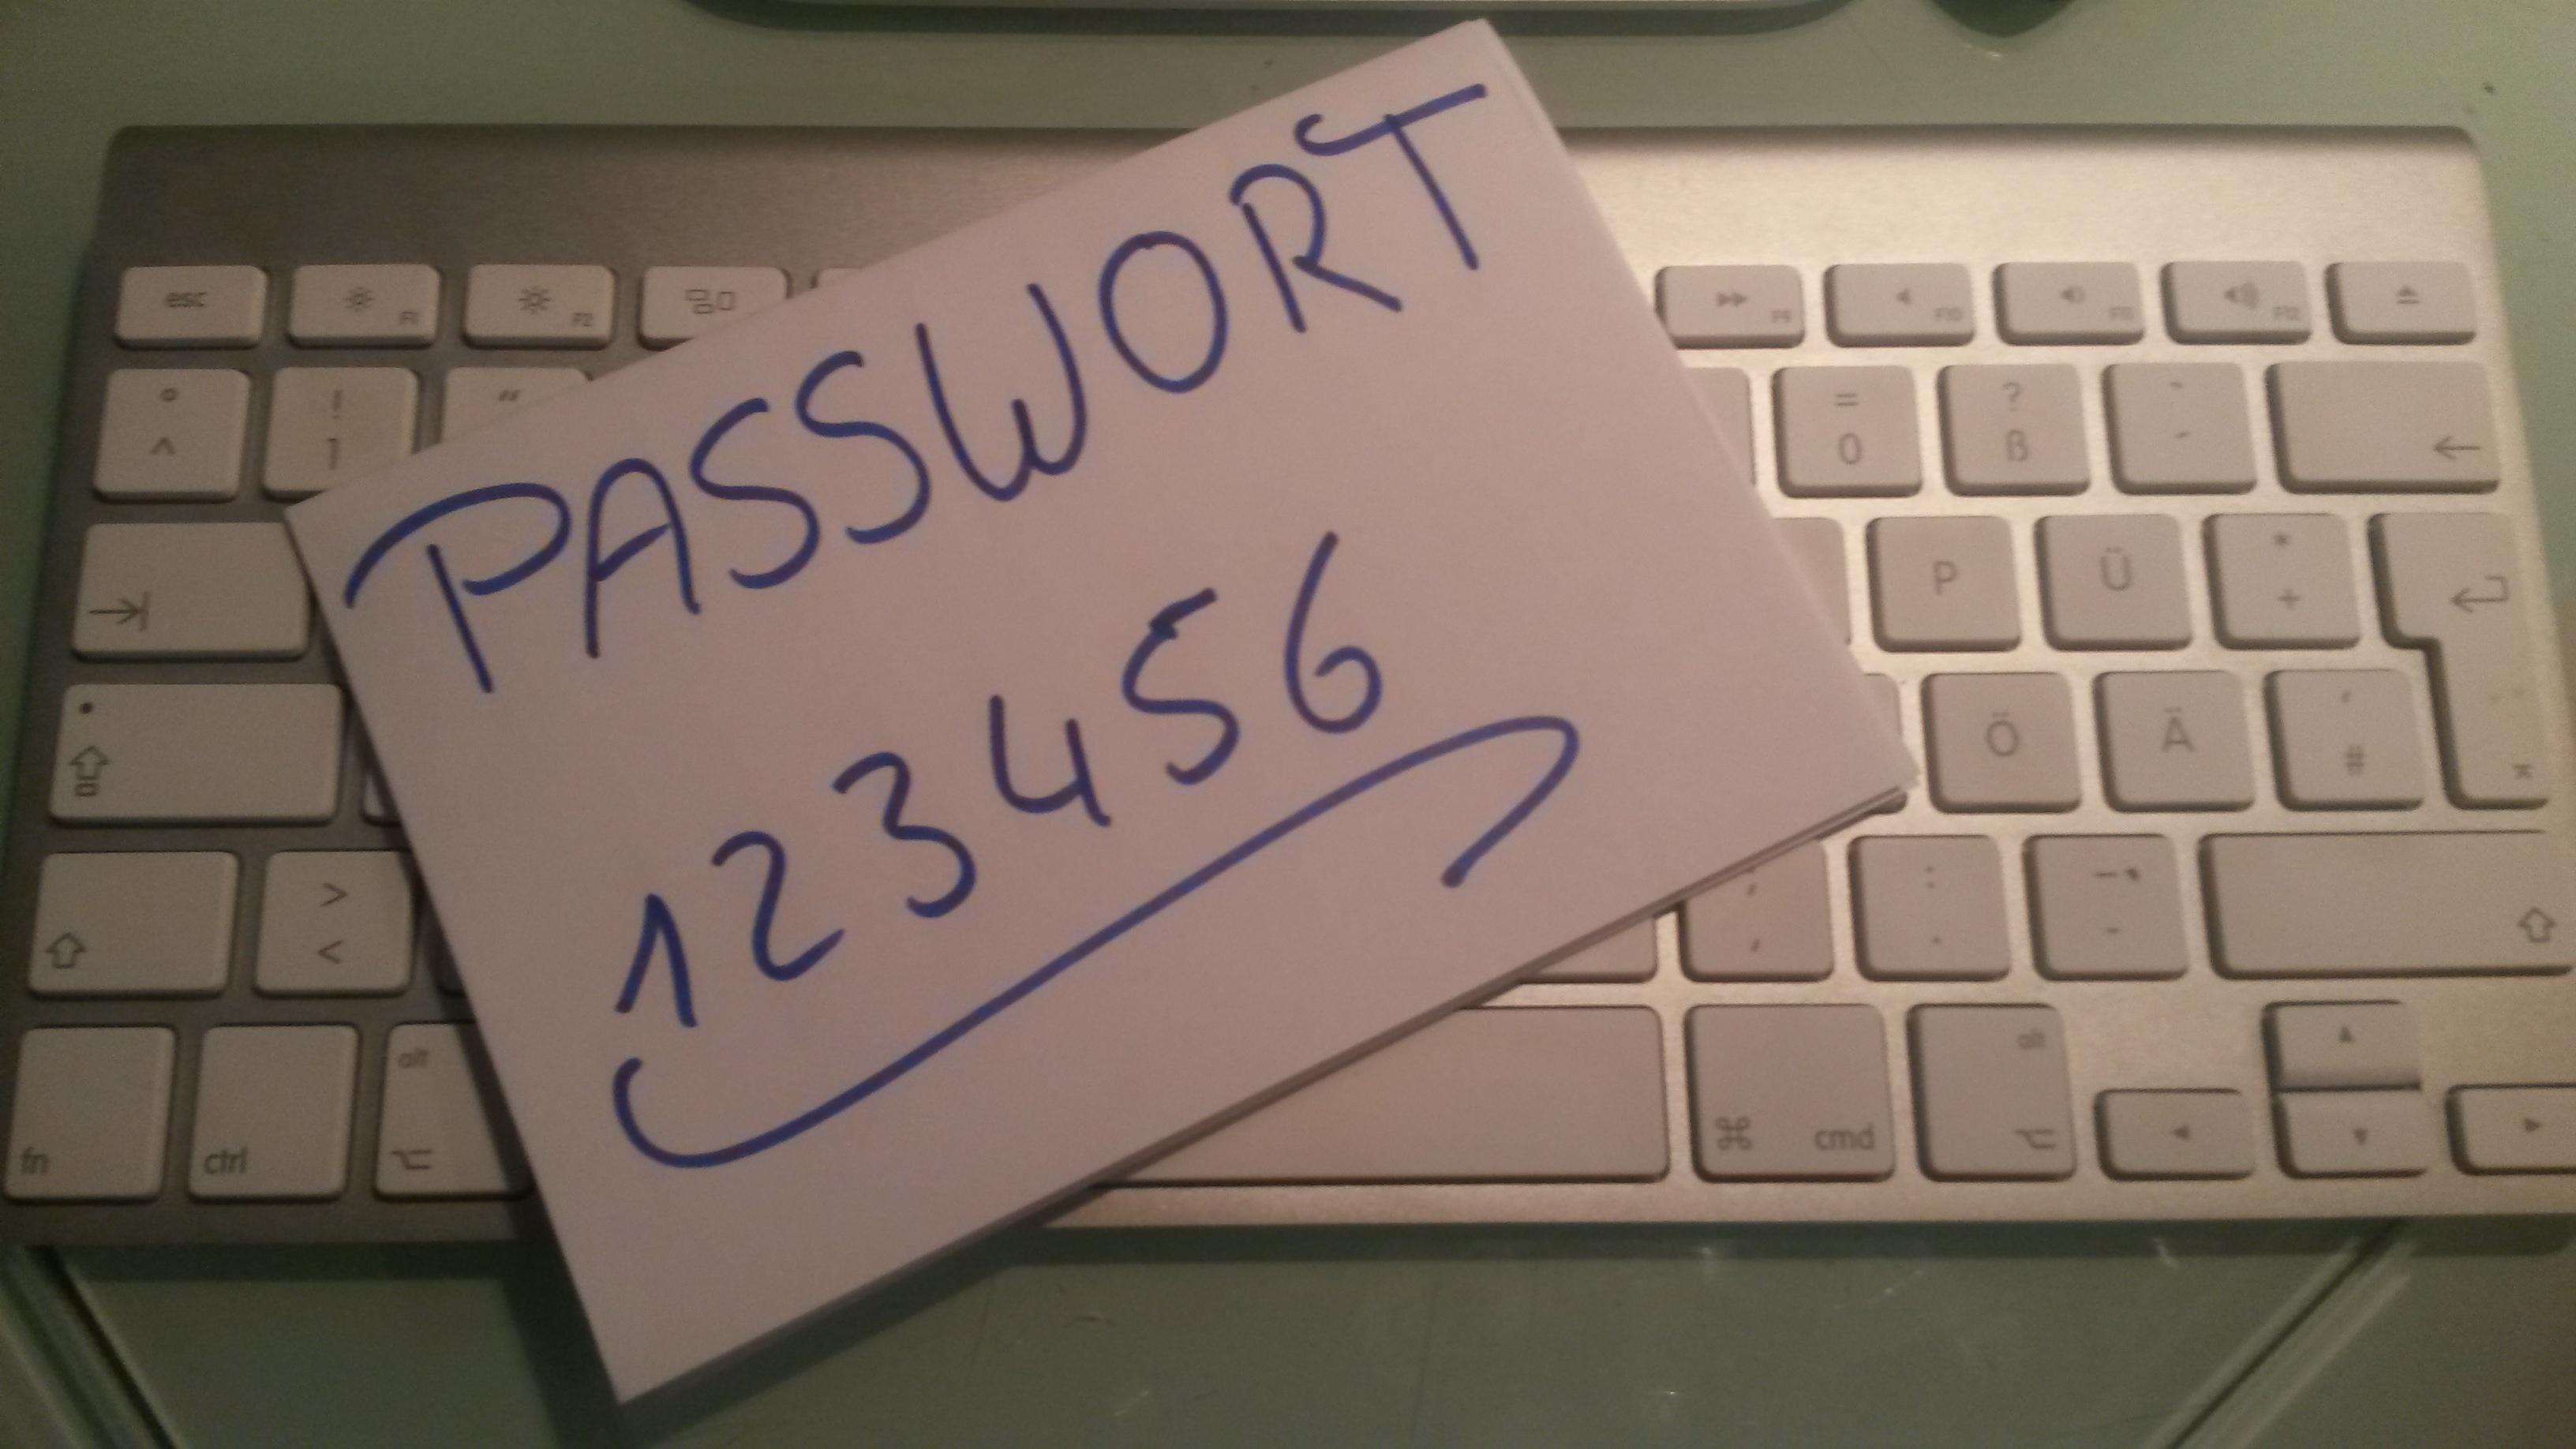 Sicheres Passwort